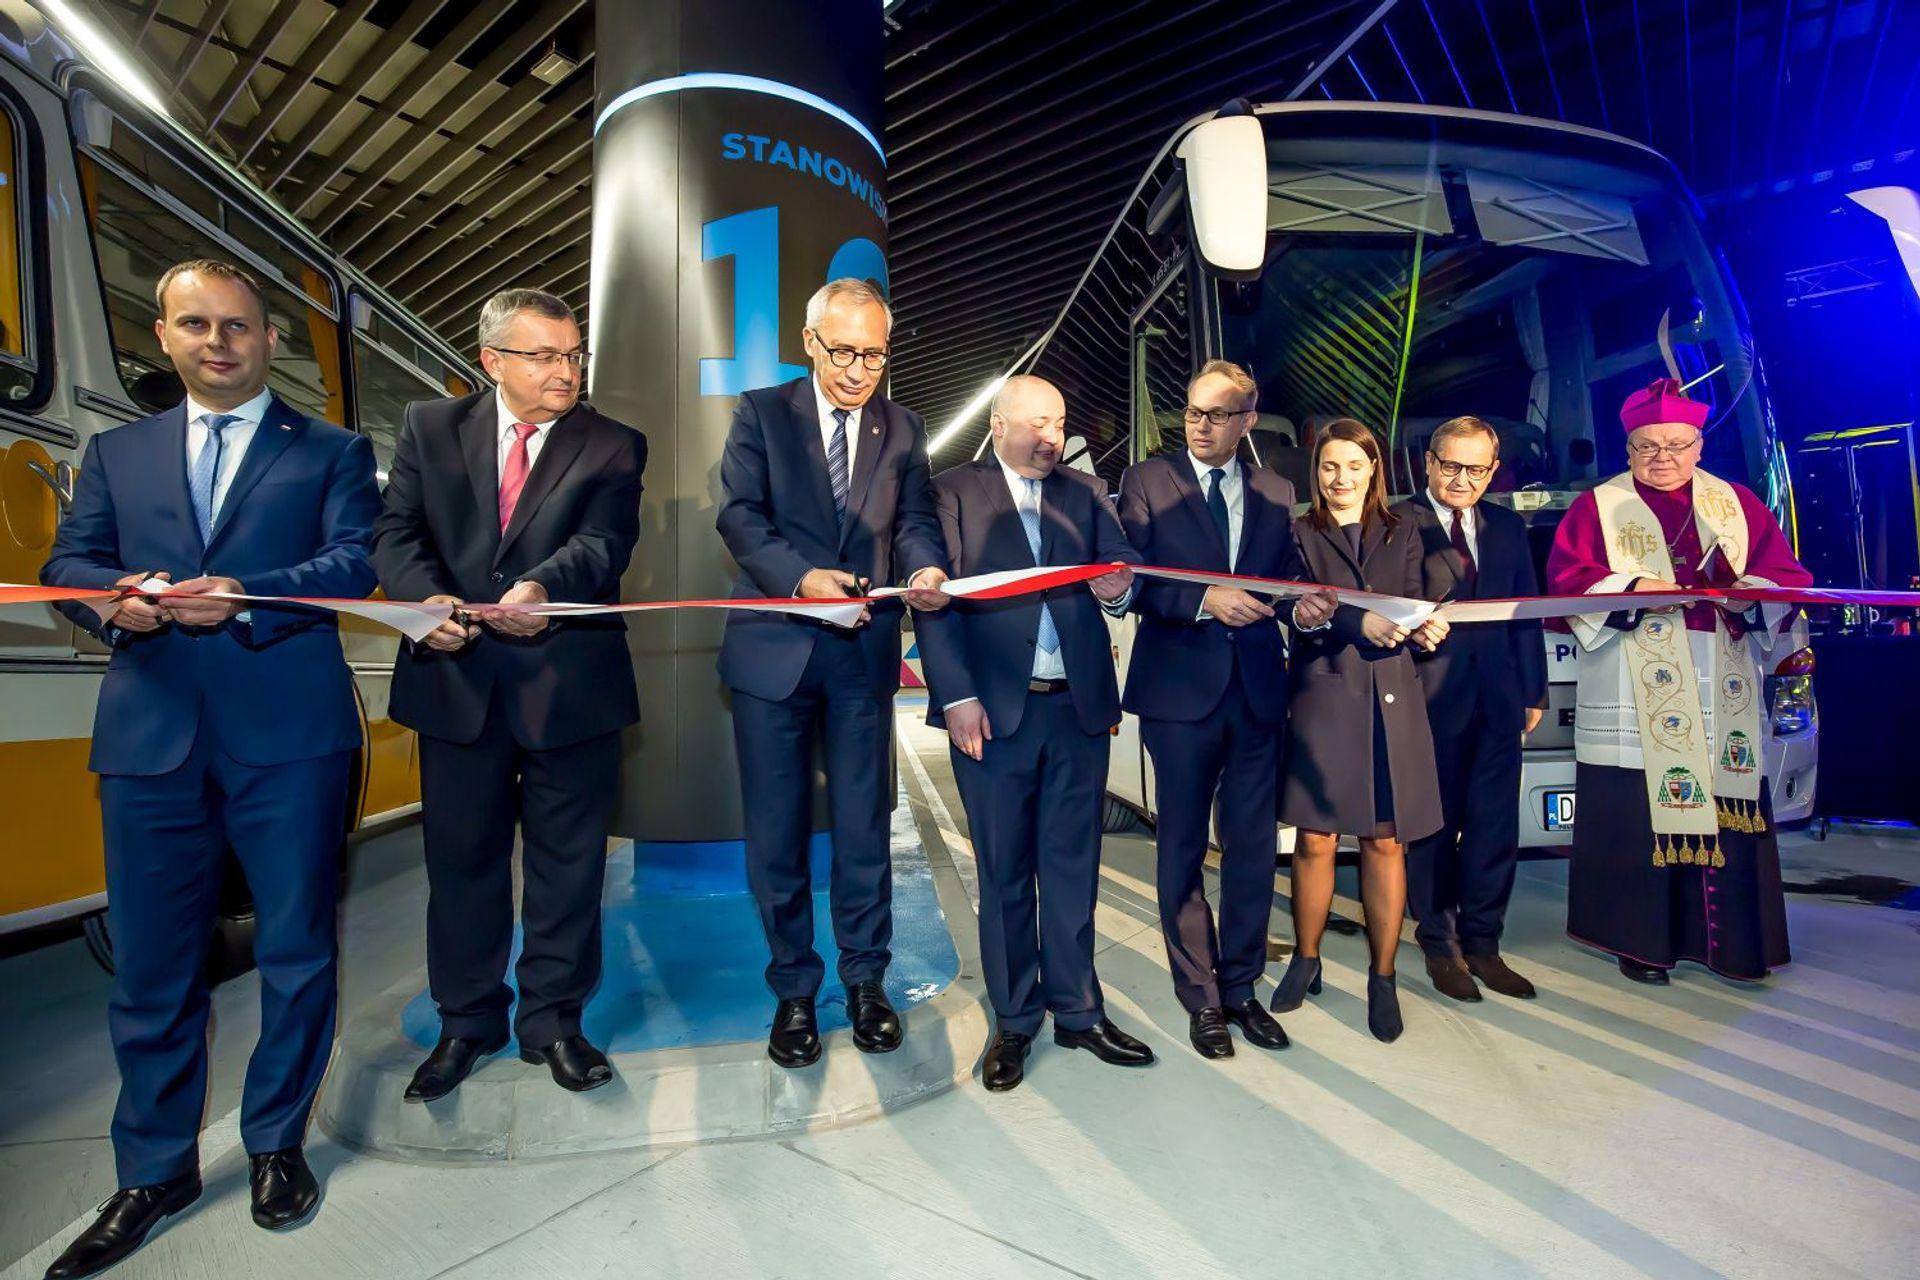 [Wrocław] Nowy dworzec już otwarty